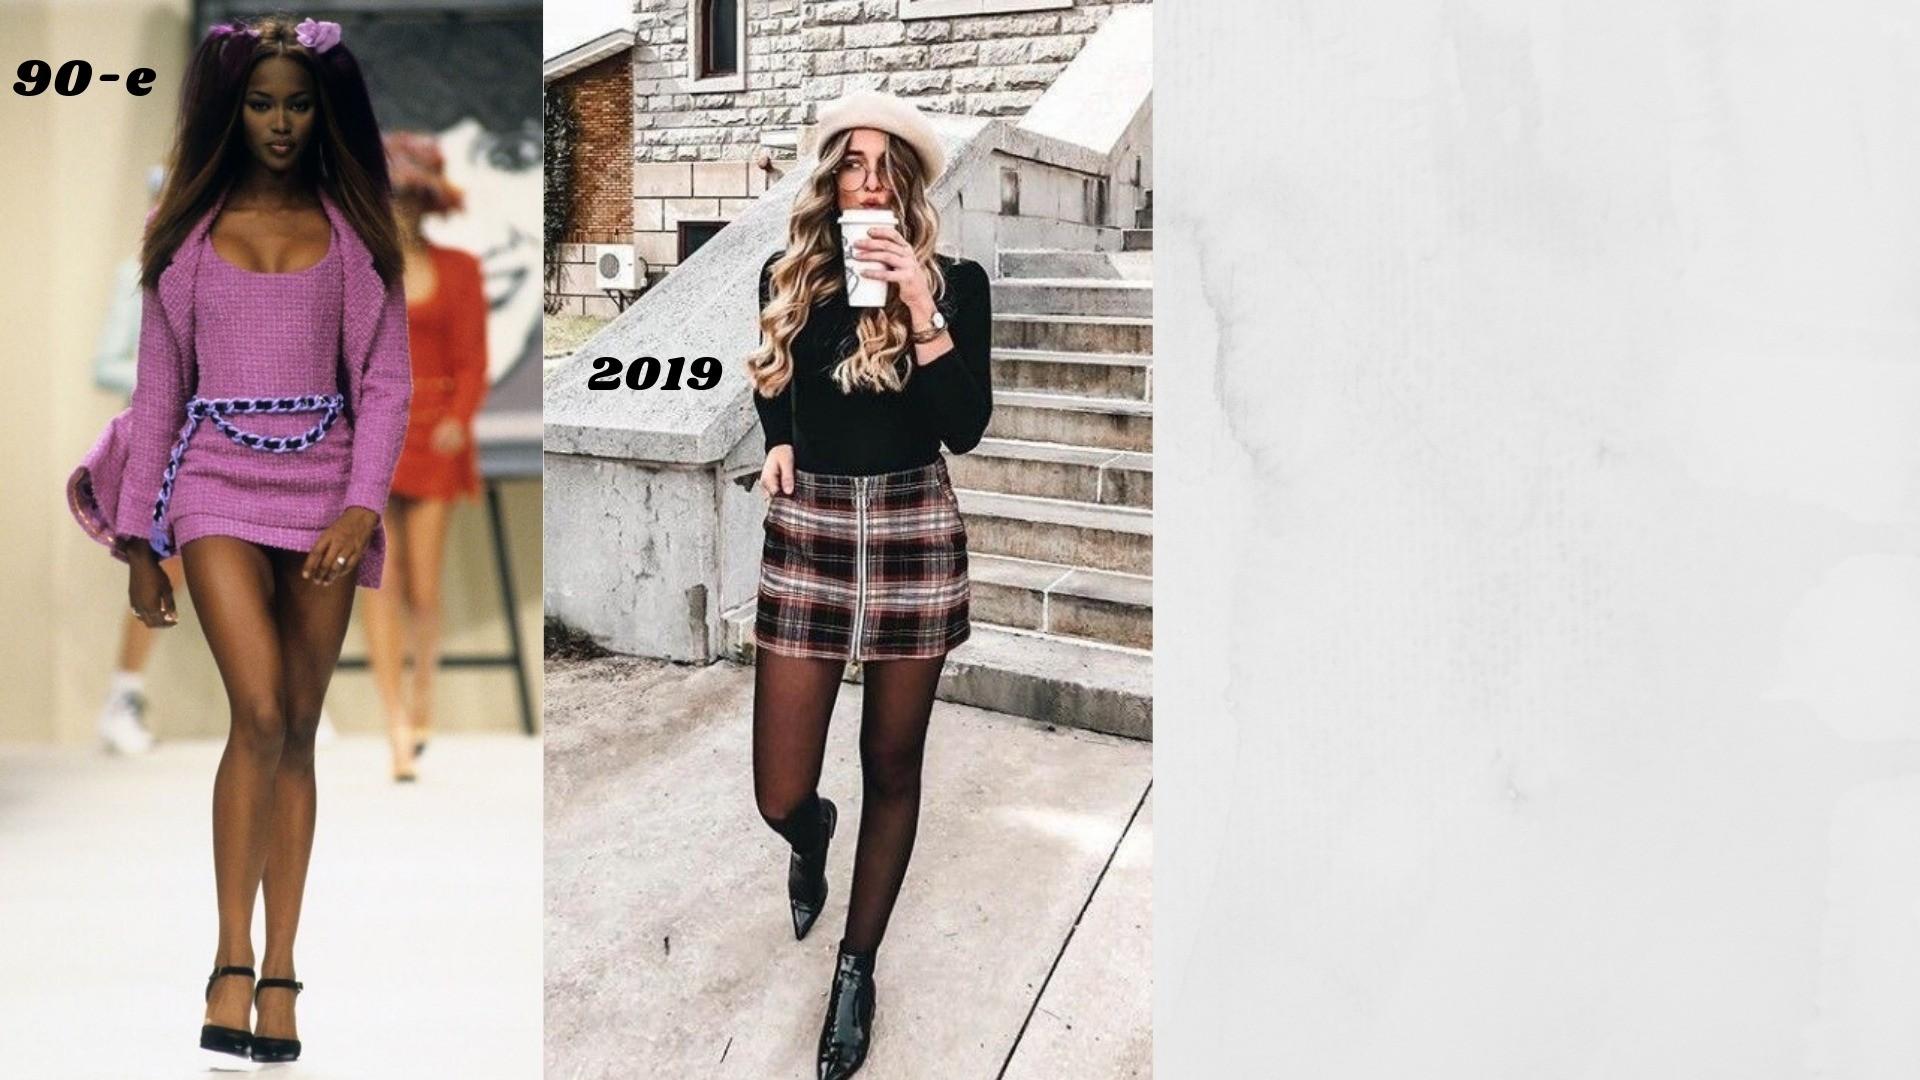 Модницы 90-х гордо вышагивали поулицам вюбках такого «формата», охотно демонстрируя окружающим стройные ноги. Вэтом году девиз «чем короче, тем лучше» снова вернулся вмоду: некоторые...